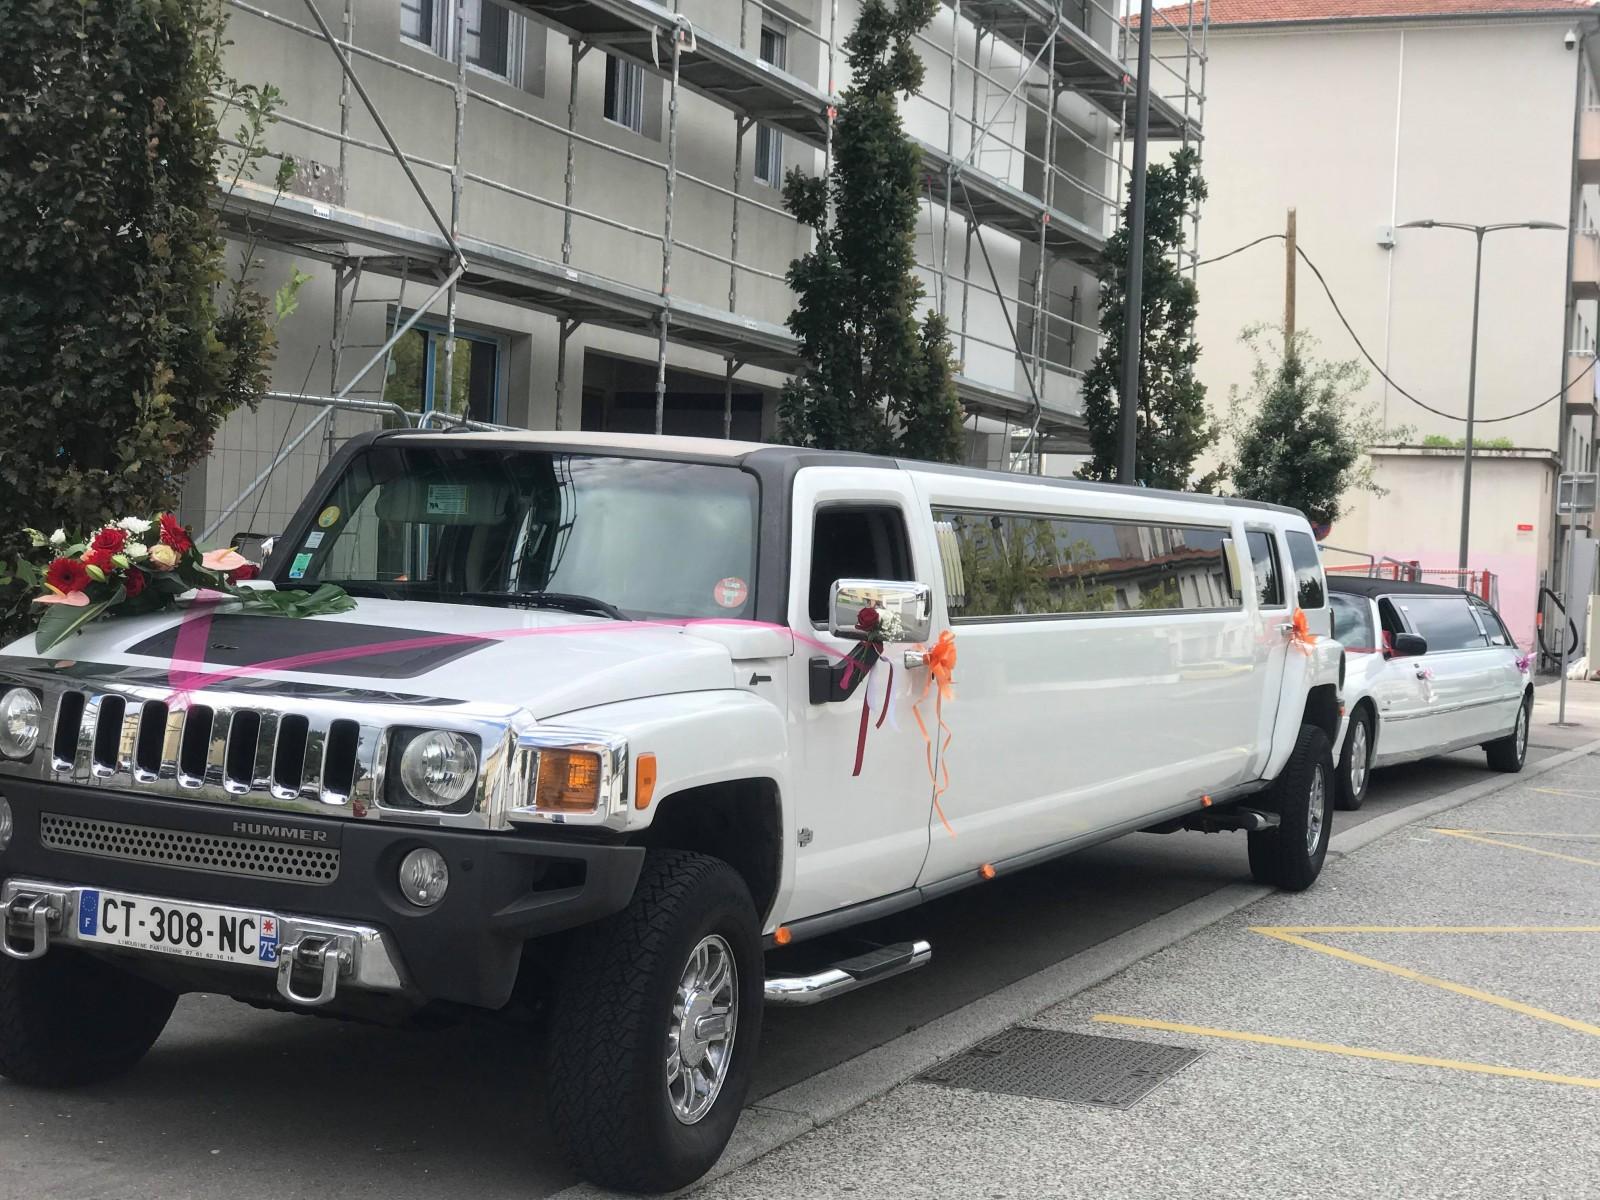 Location limousines lyon